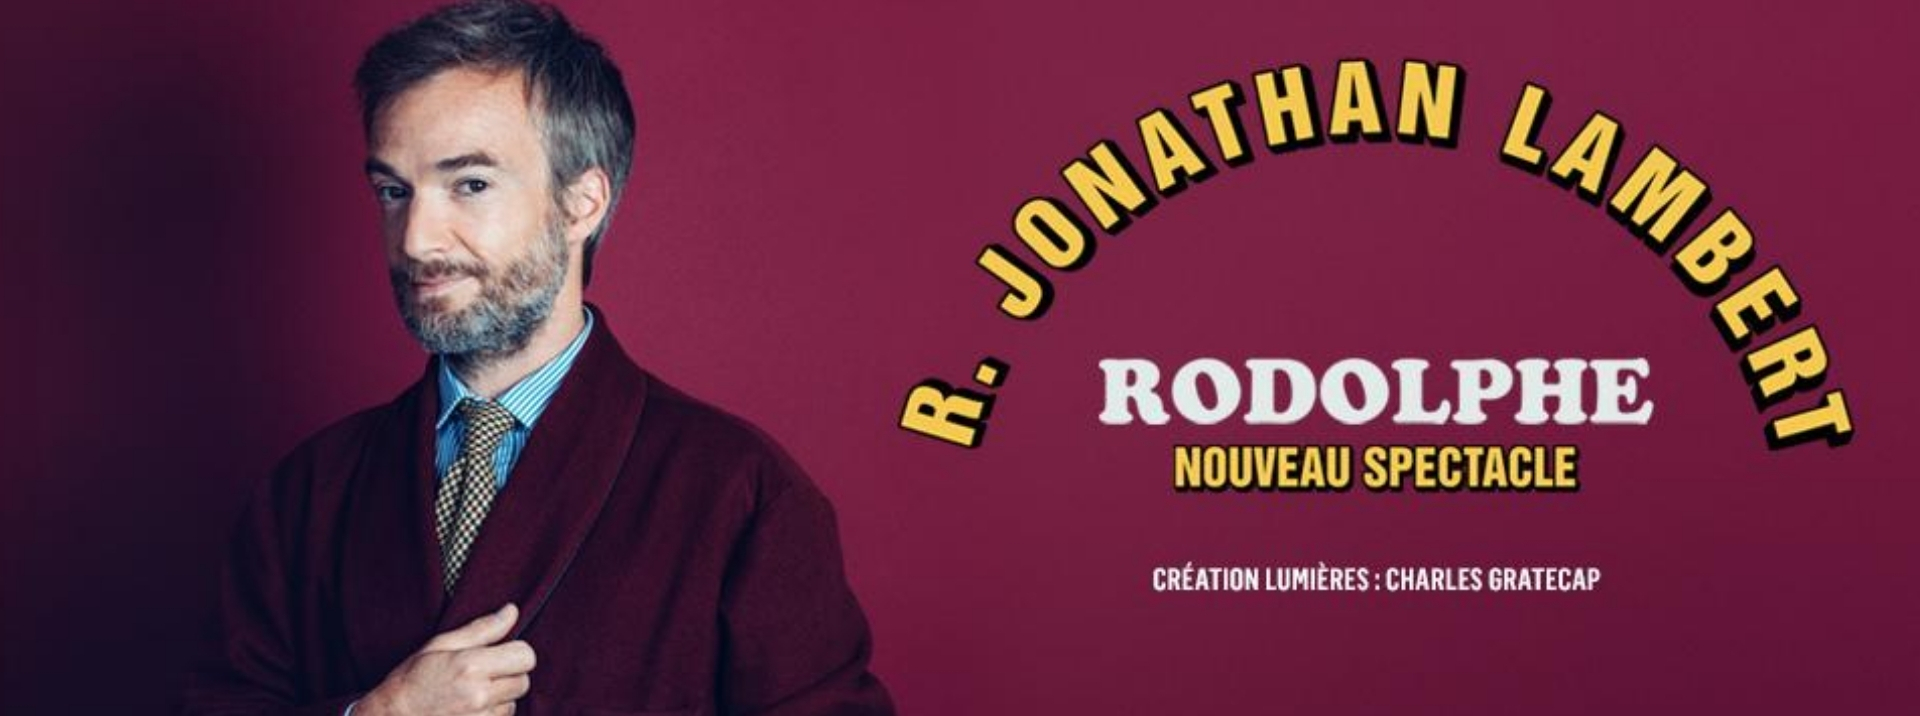 Jonathan Lambert en création à la compagnie du café théâtre de Nantes